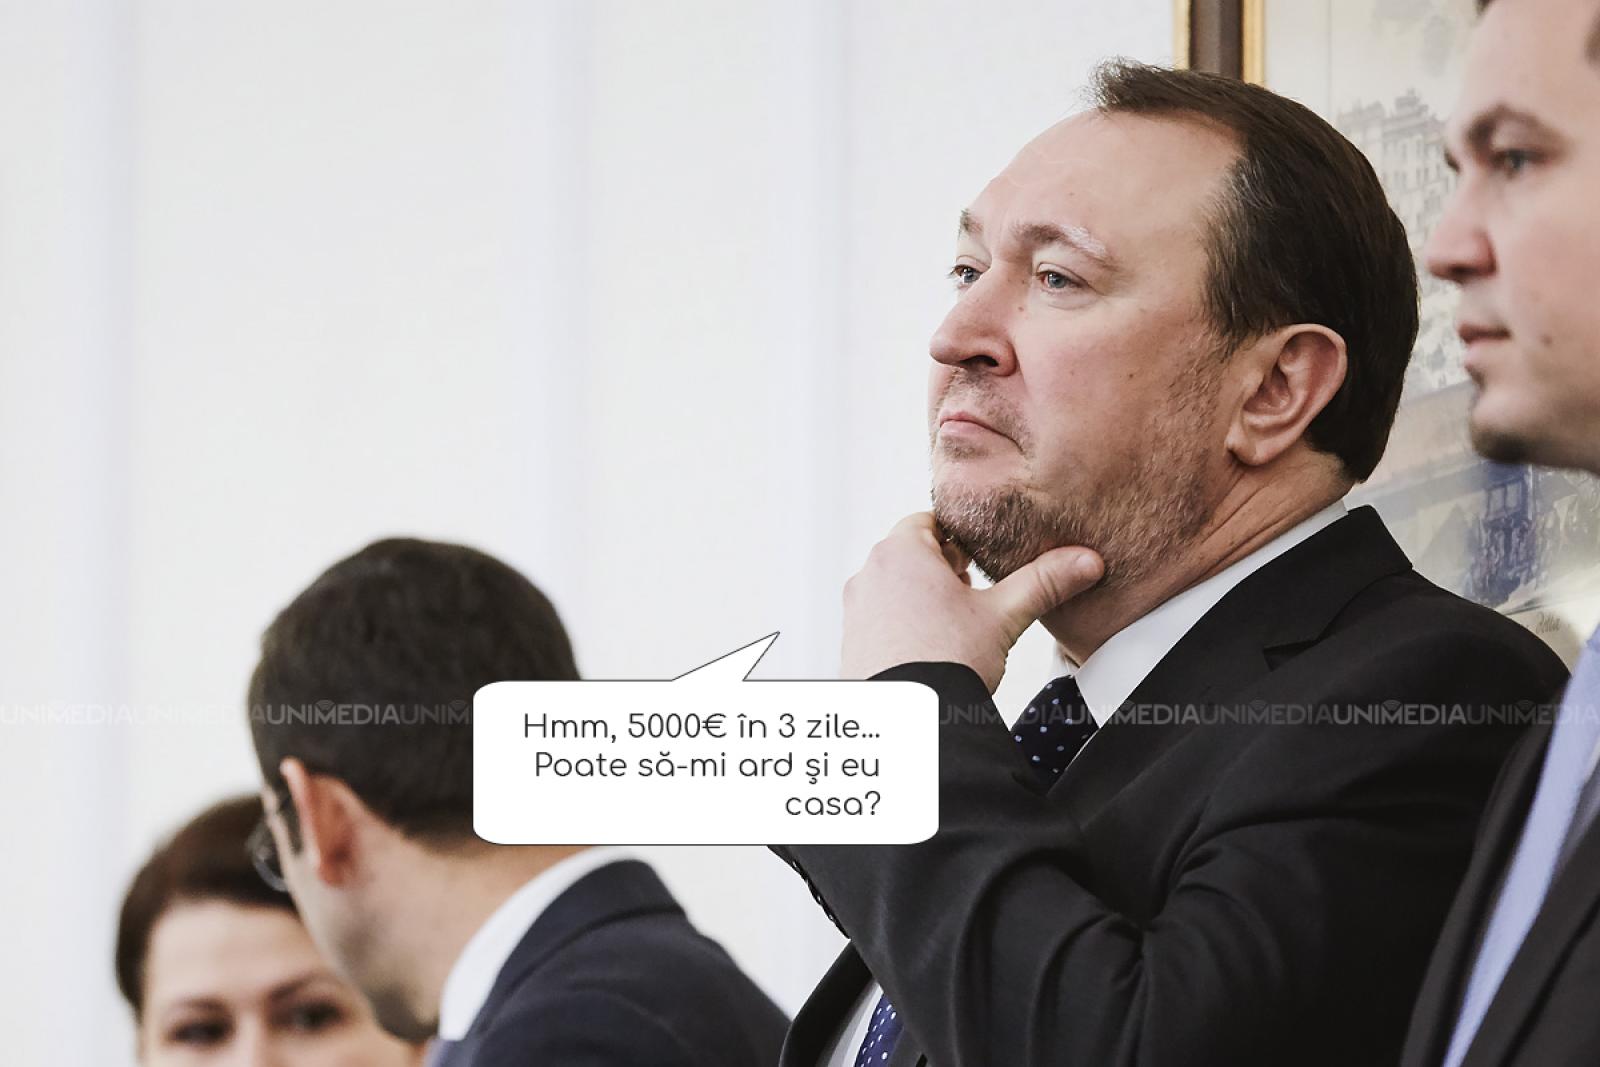 #meme-uri de la investirea noilor miniștri. Glume despre casa lui Ilie, mărimea organului și obișnuințele lui Gaburici